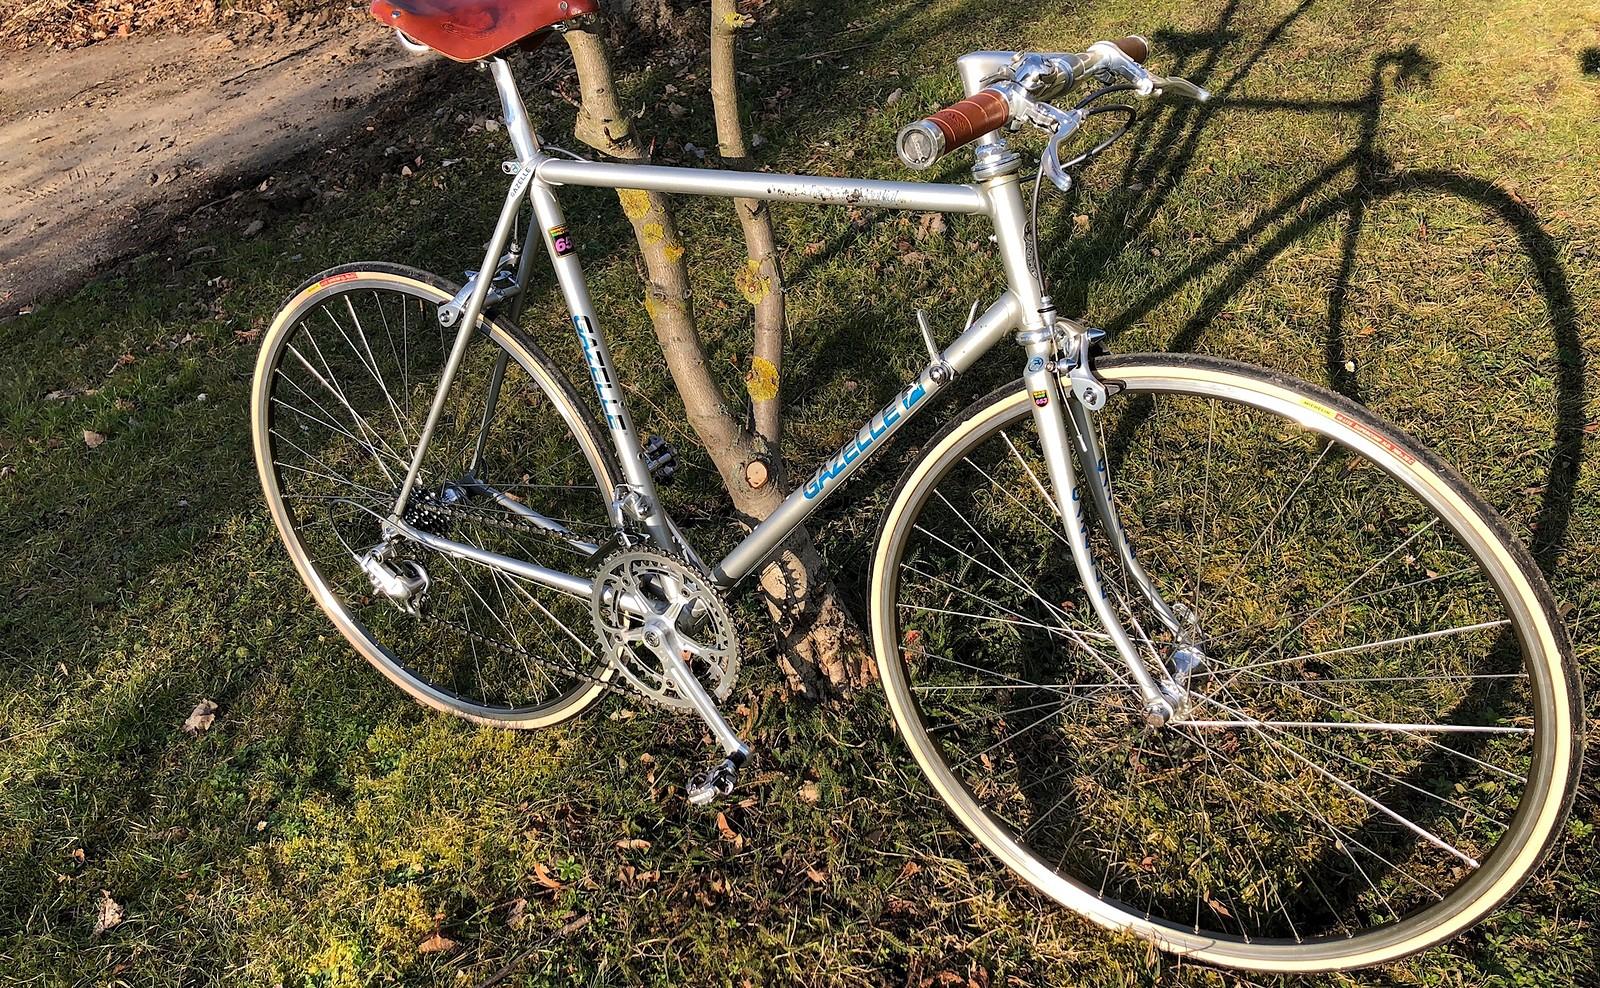 Gazelle Champion Mondial Reynolds 653 Rar Vintage Gr.56 | Bikemarkt ...